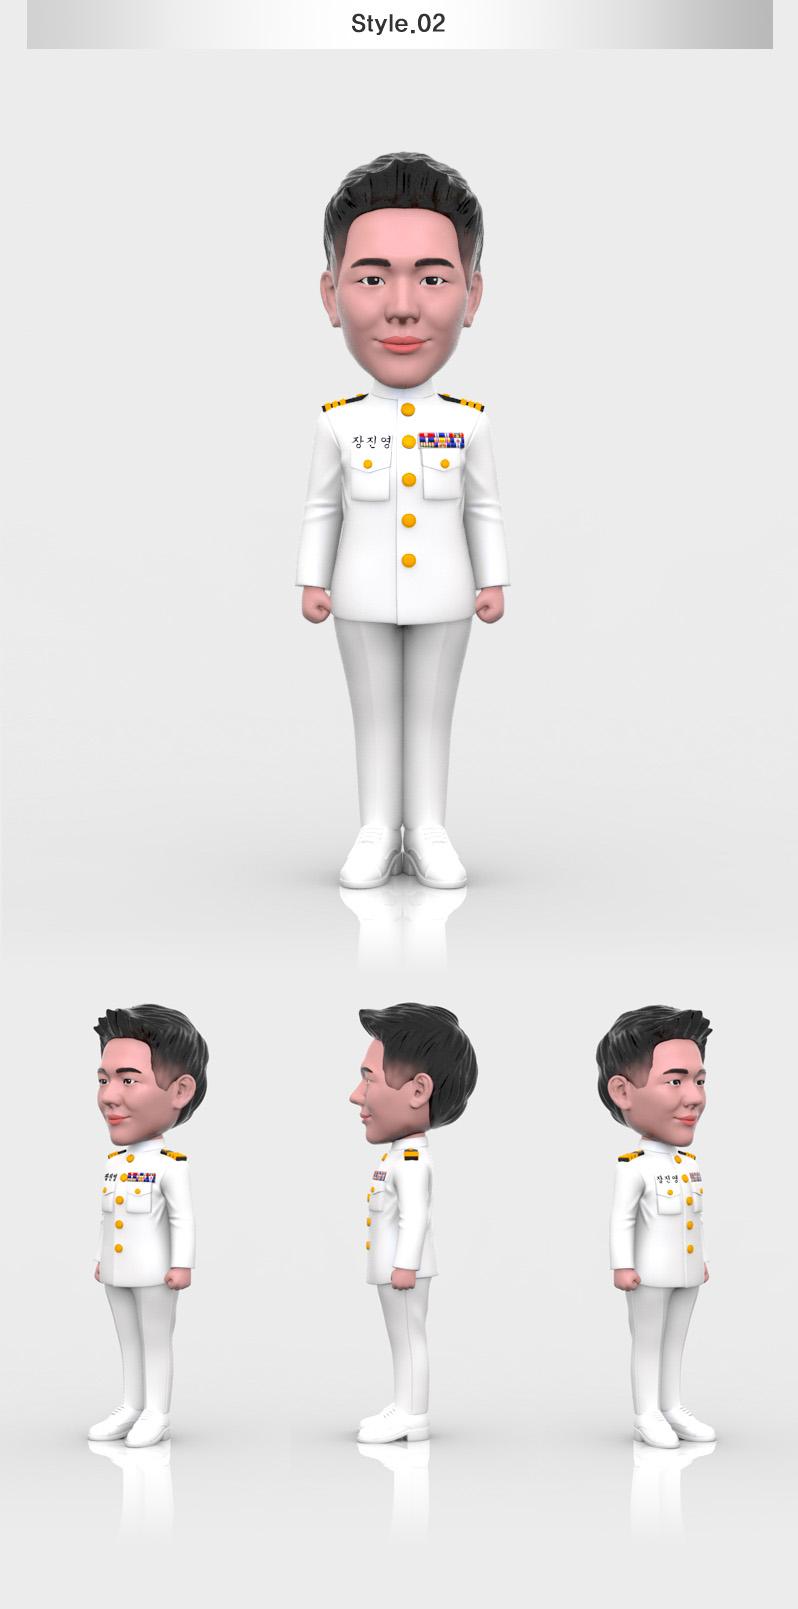 marinsuit_pose02